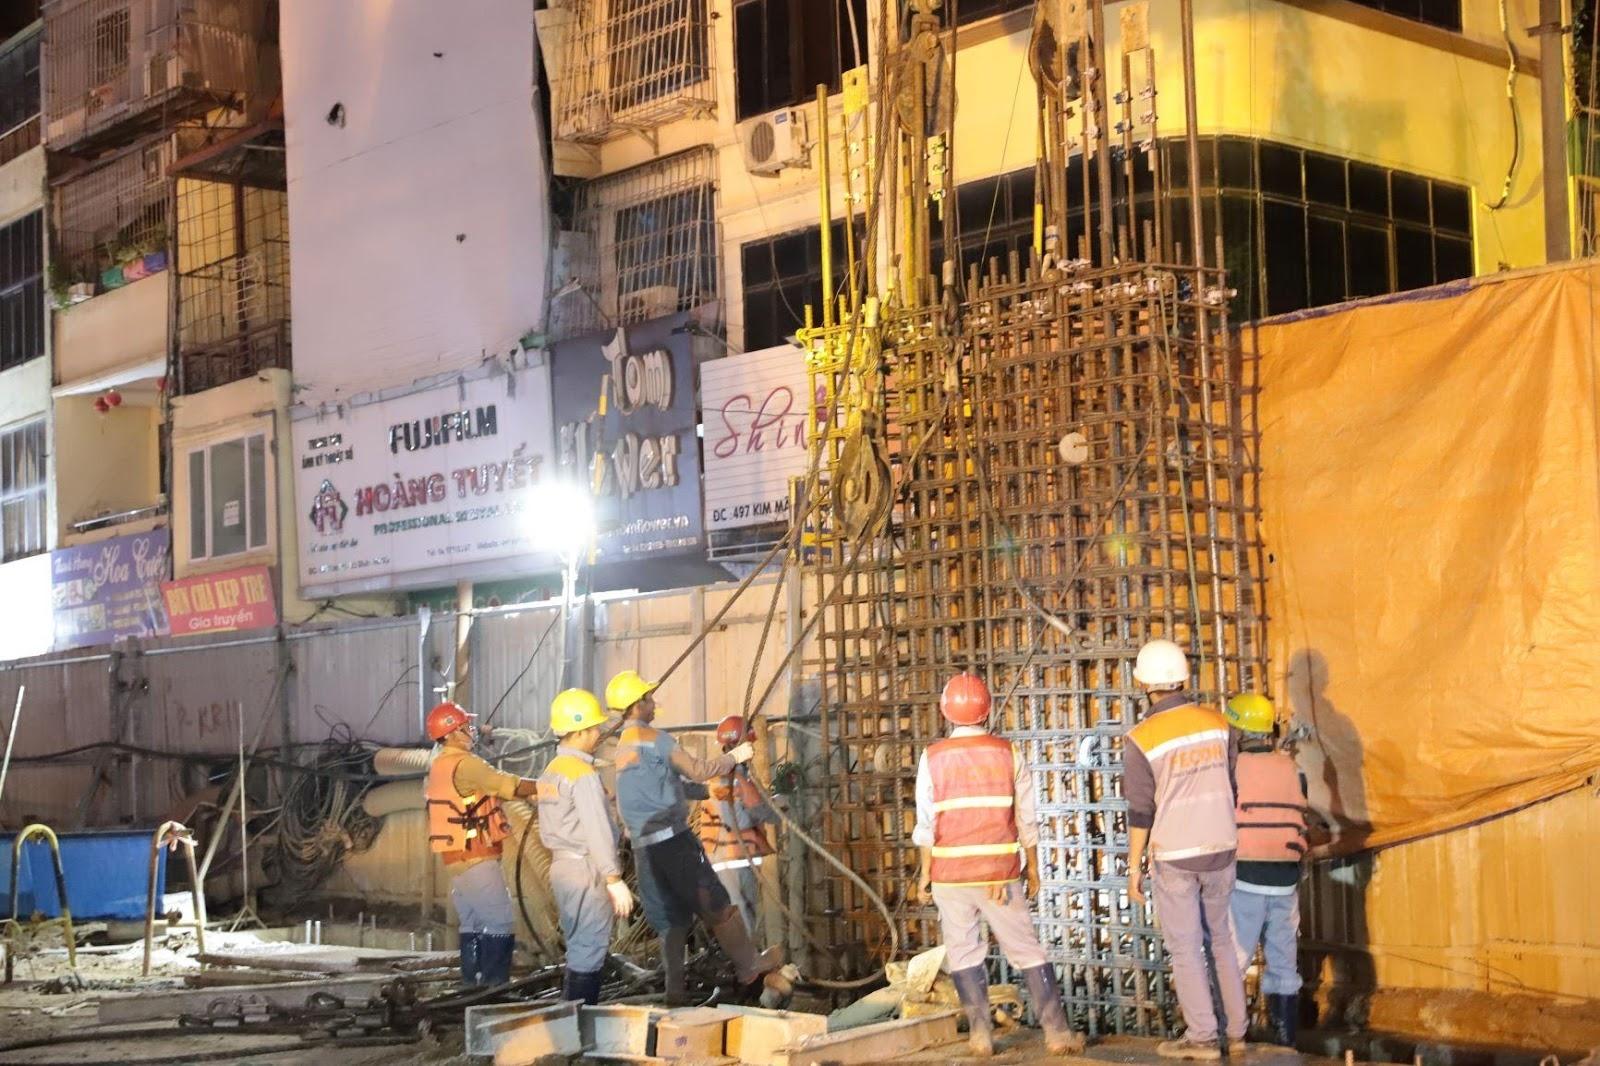 FECON tham gia lắp ráp và vận hành robot khoan hầm TBM tại dự án Metro Line 3 Hà Nội